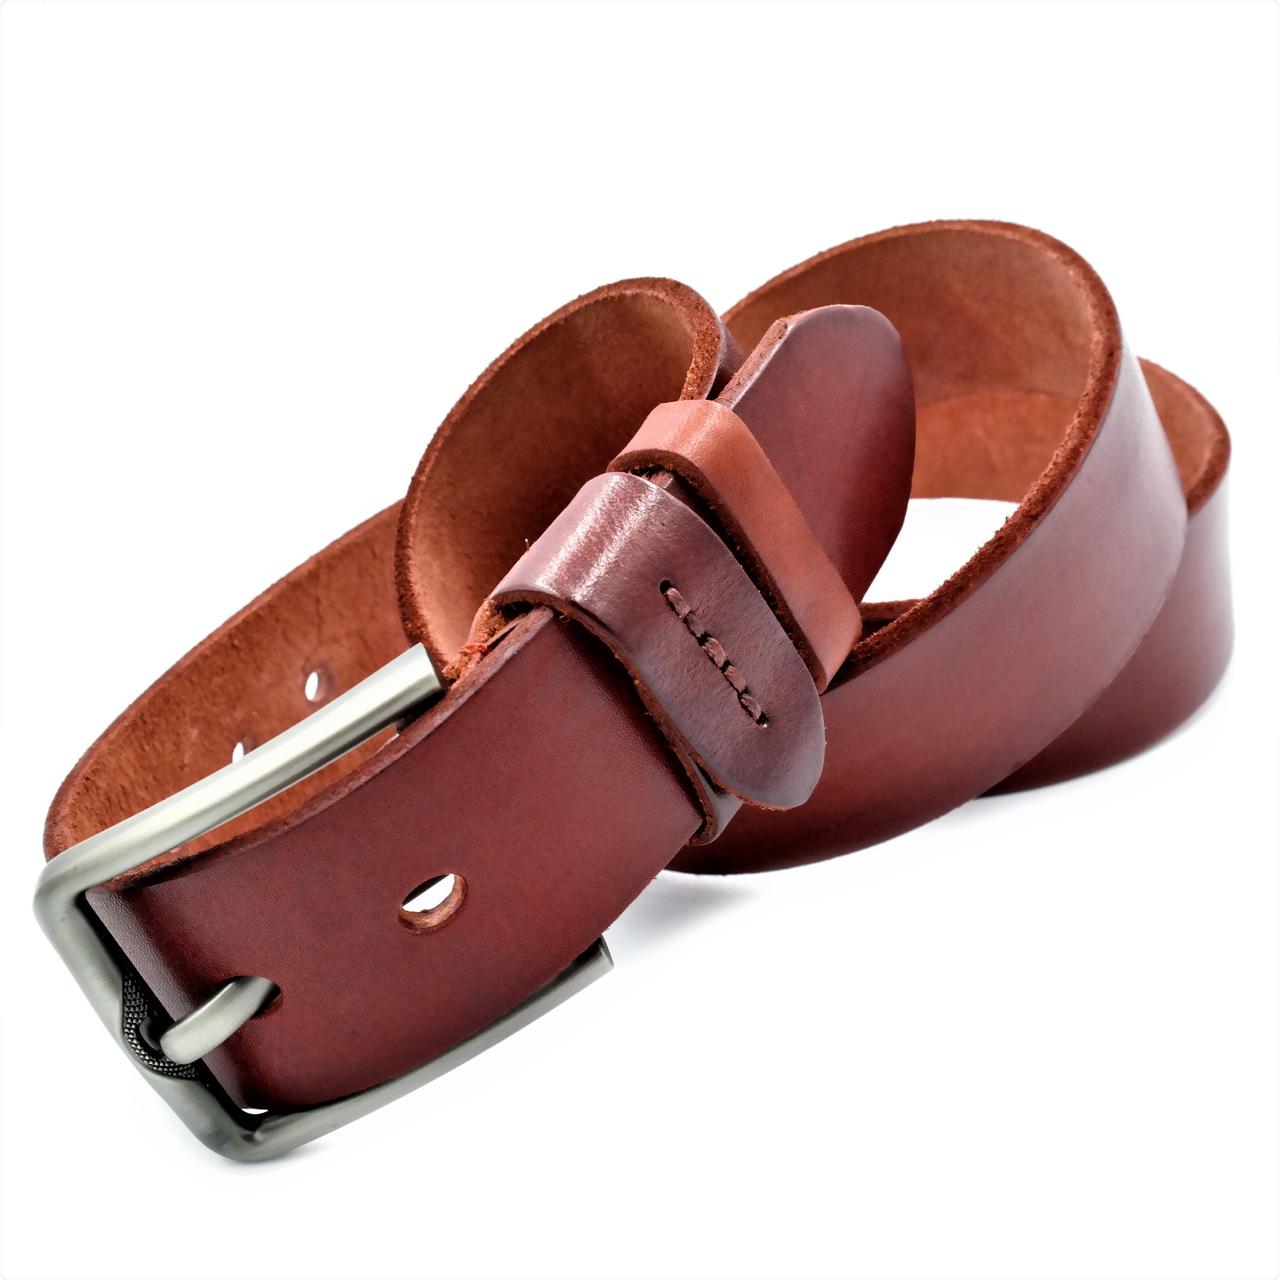 Мужской кожаный ремень Le-Mon 110-125 см Коричневый (new-m-40k-005)